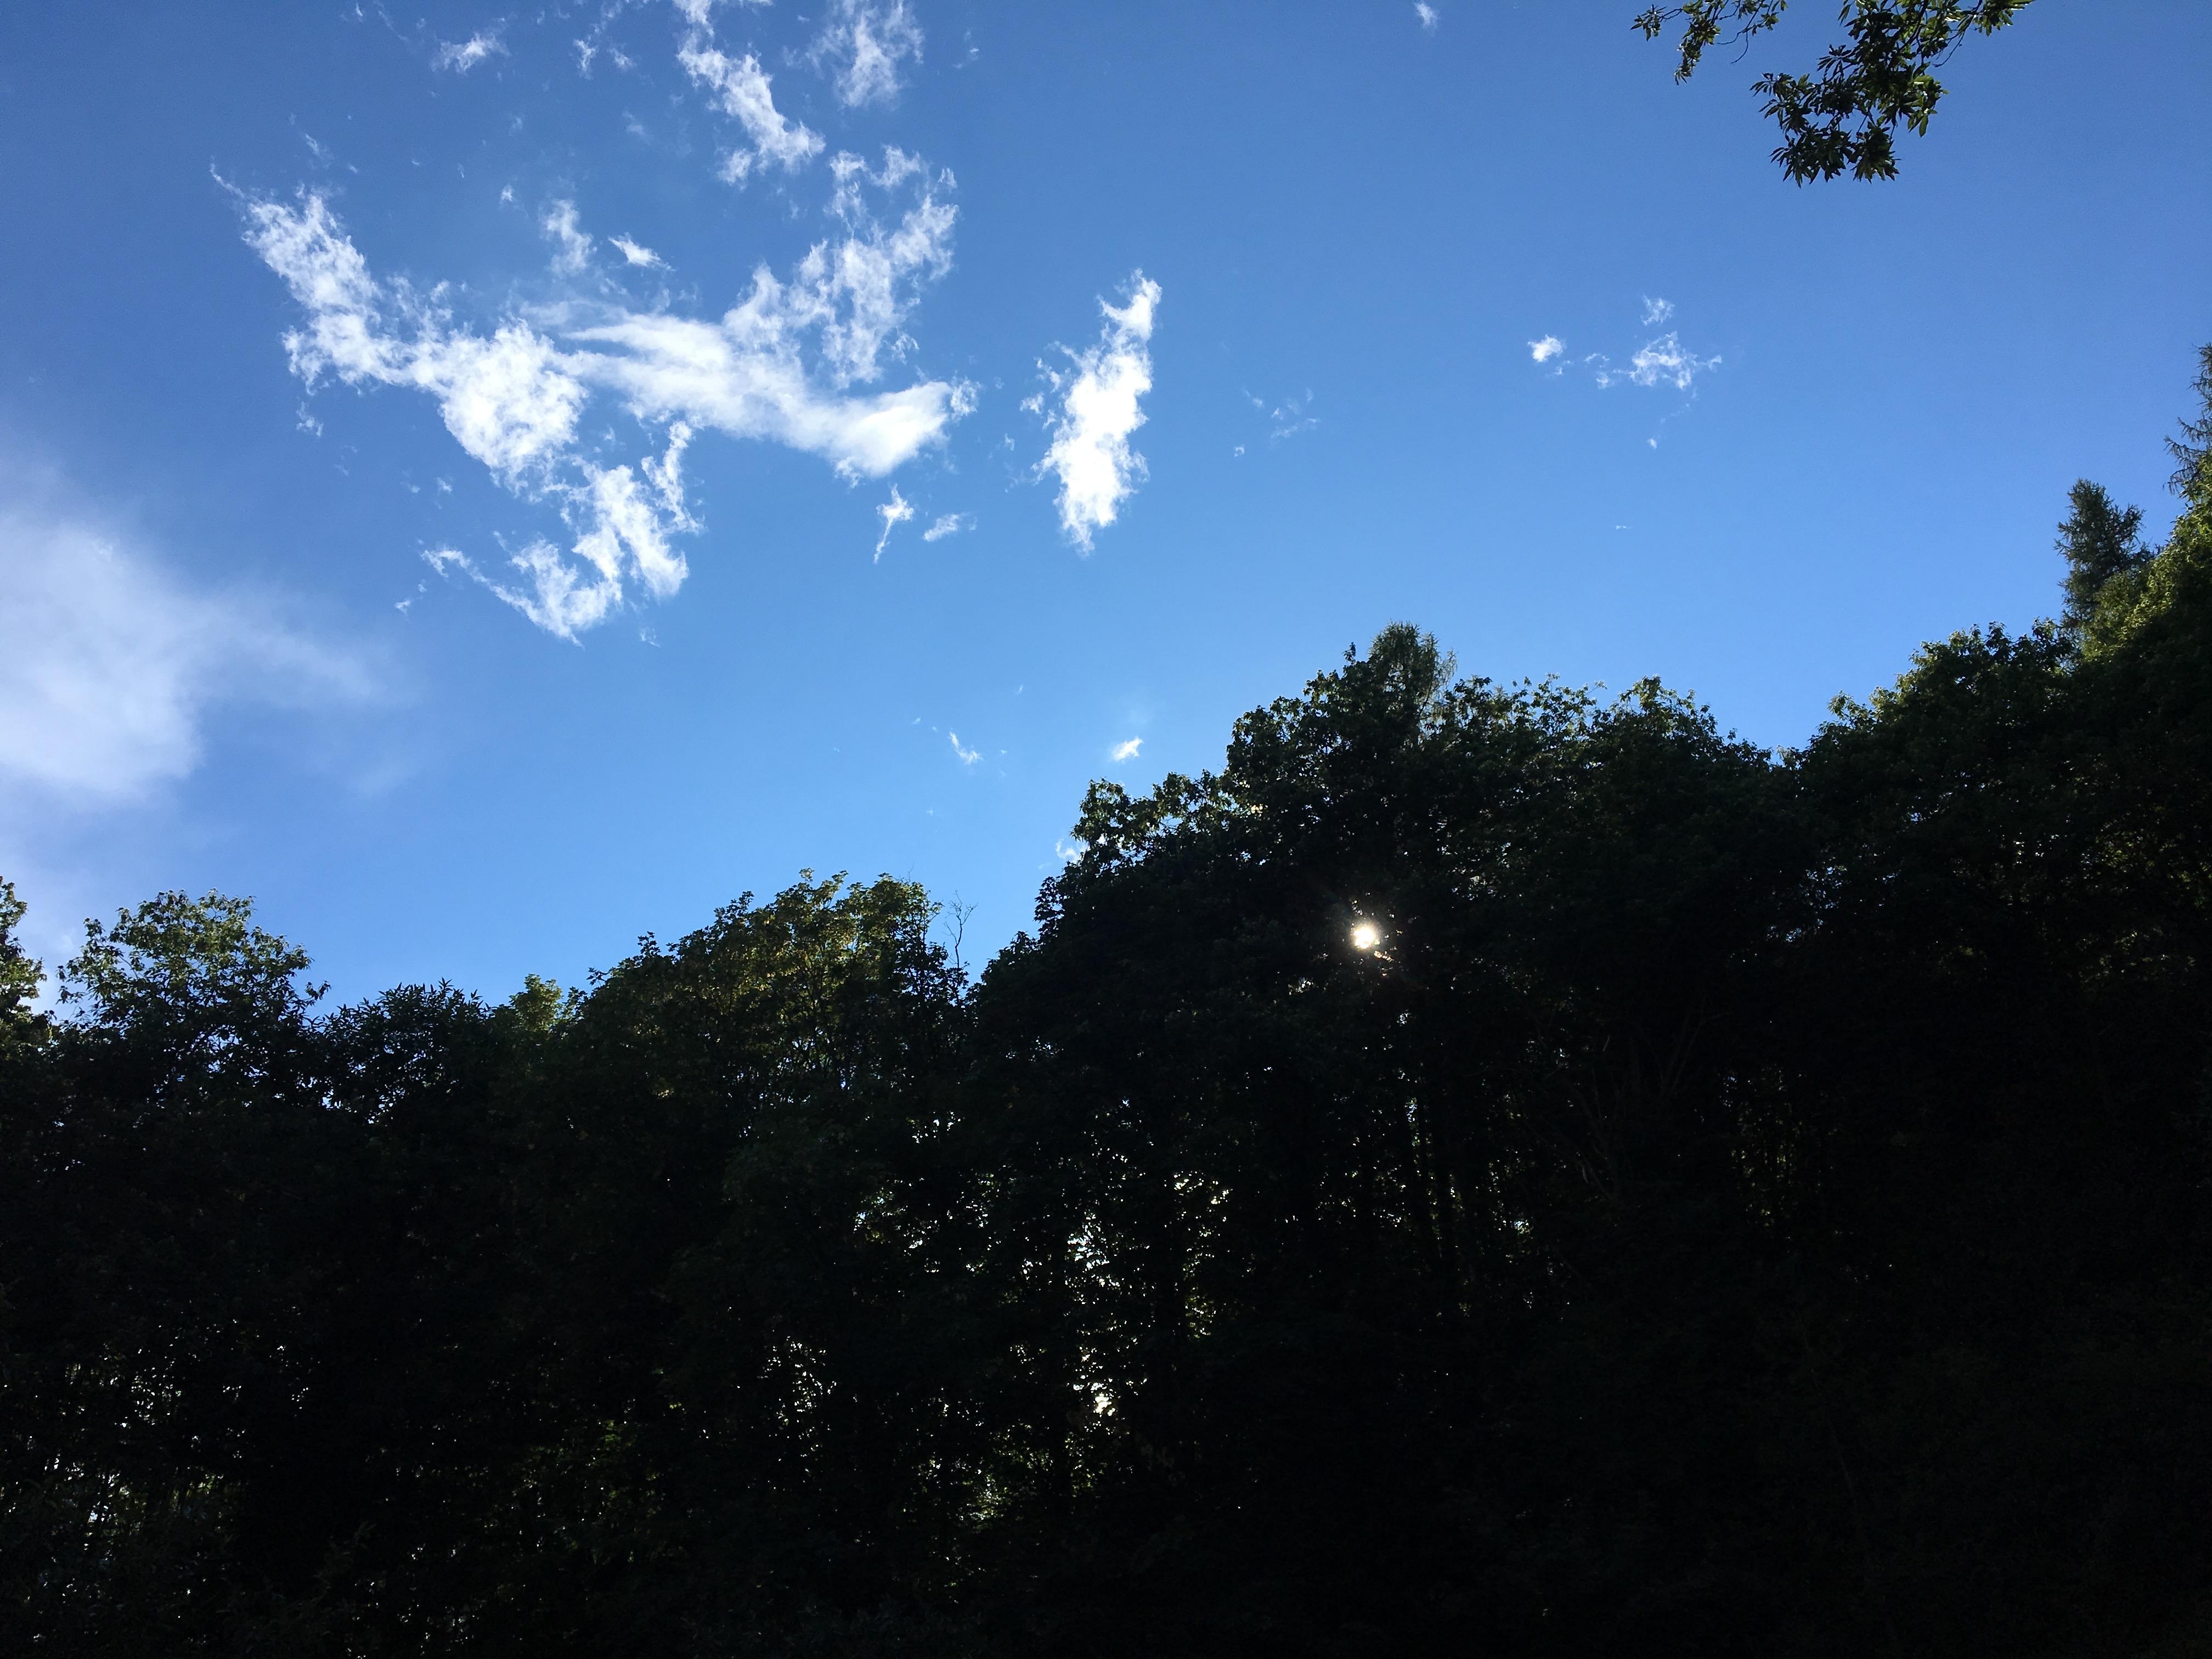 ... und der Himmel ist blau